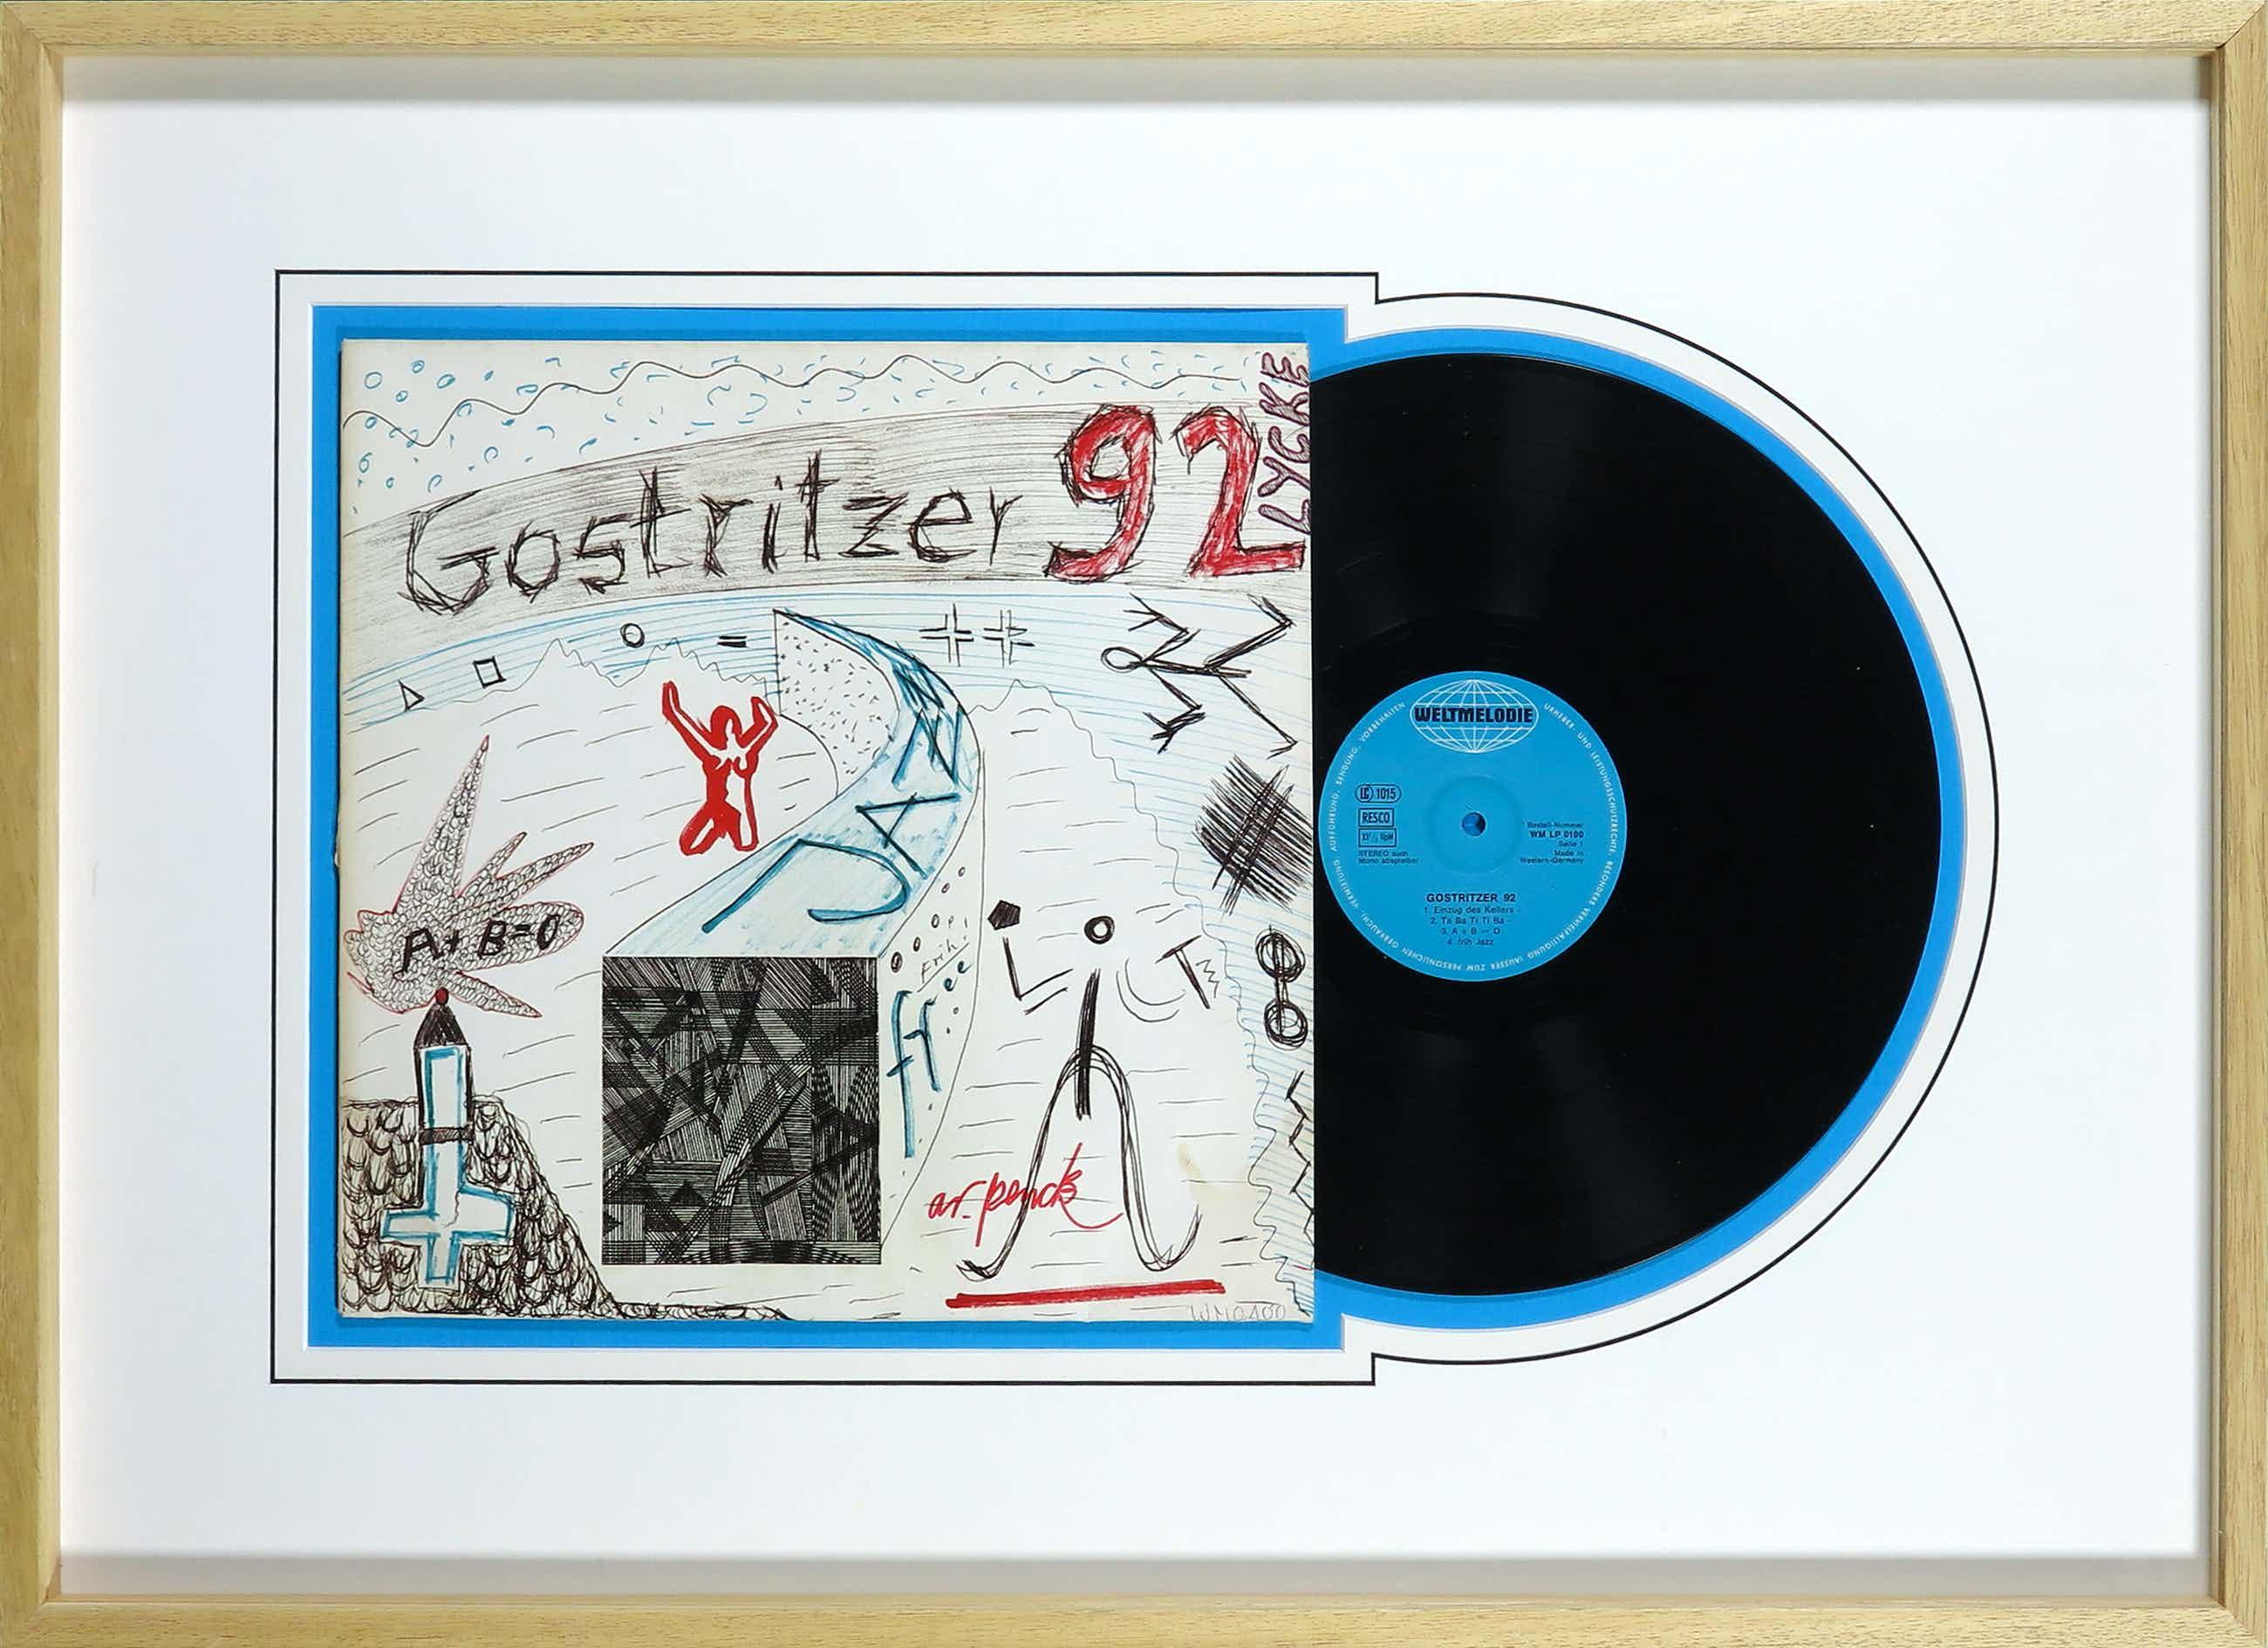 A.R. Penck - Gesigneerd album Gostritzer 92 - Ingelijst kopen? Bied vanaf 200!